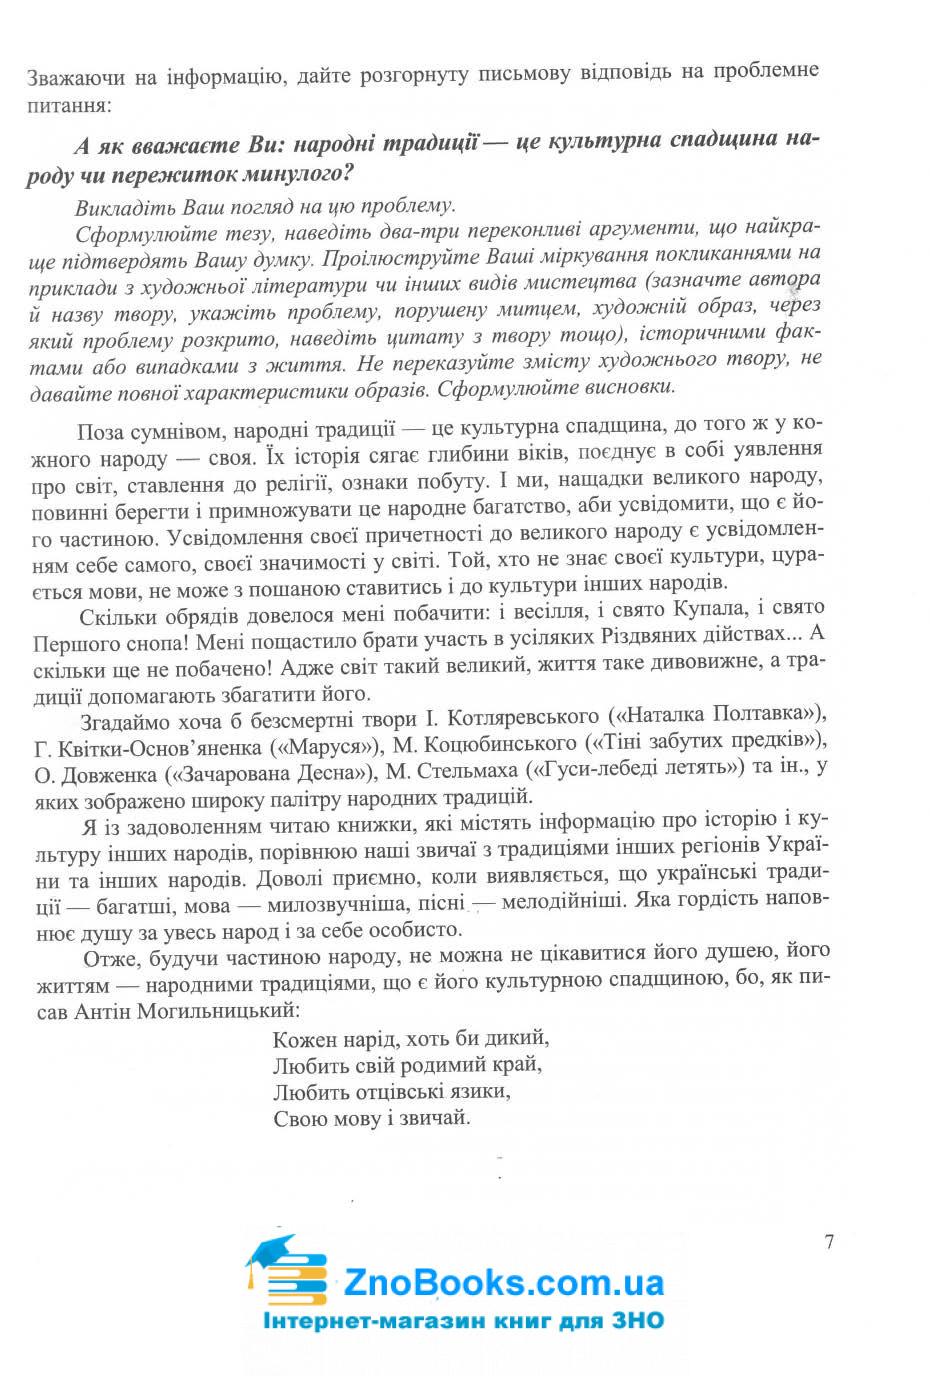 Завдання відкритої форми з розгорнутою письмовою відповіддю. Українська мова ЗНО 2021 : Готевич С. 7